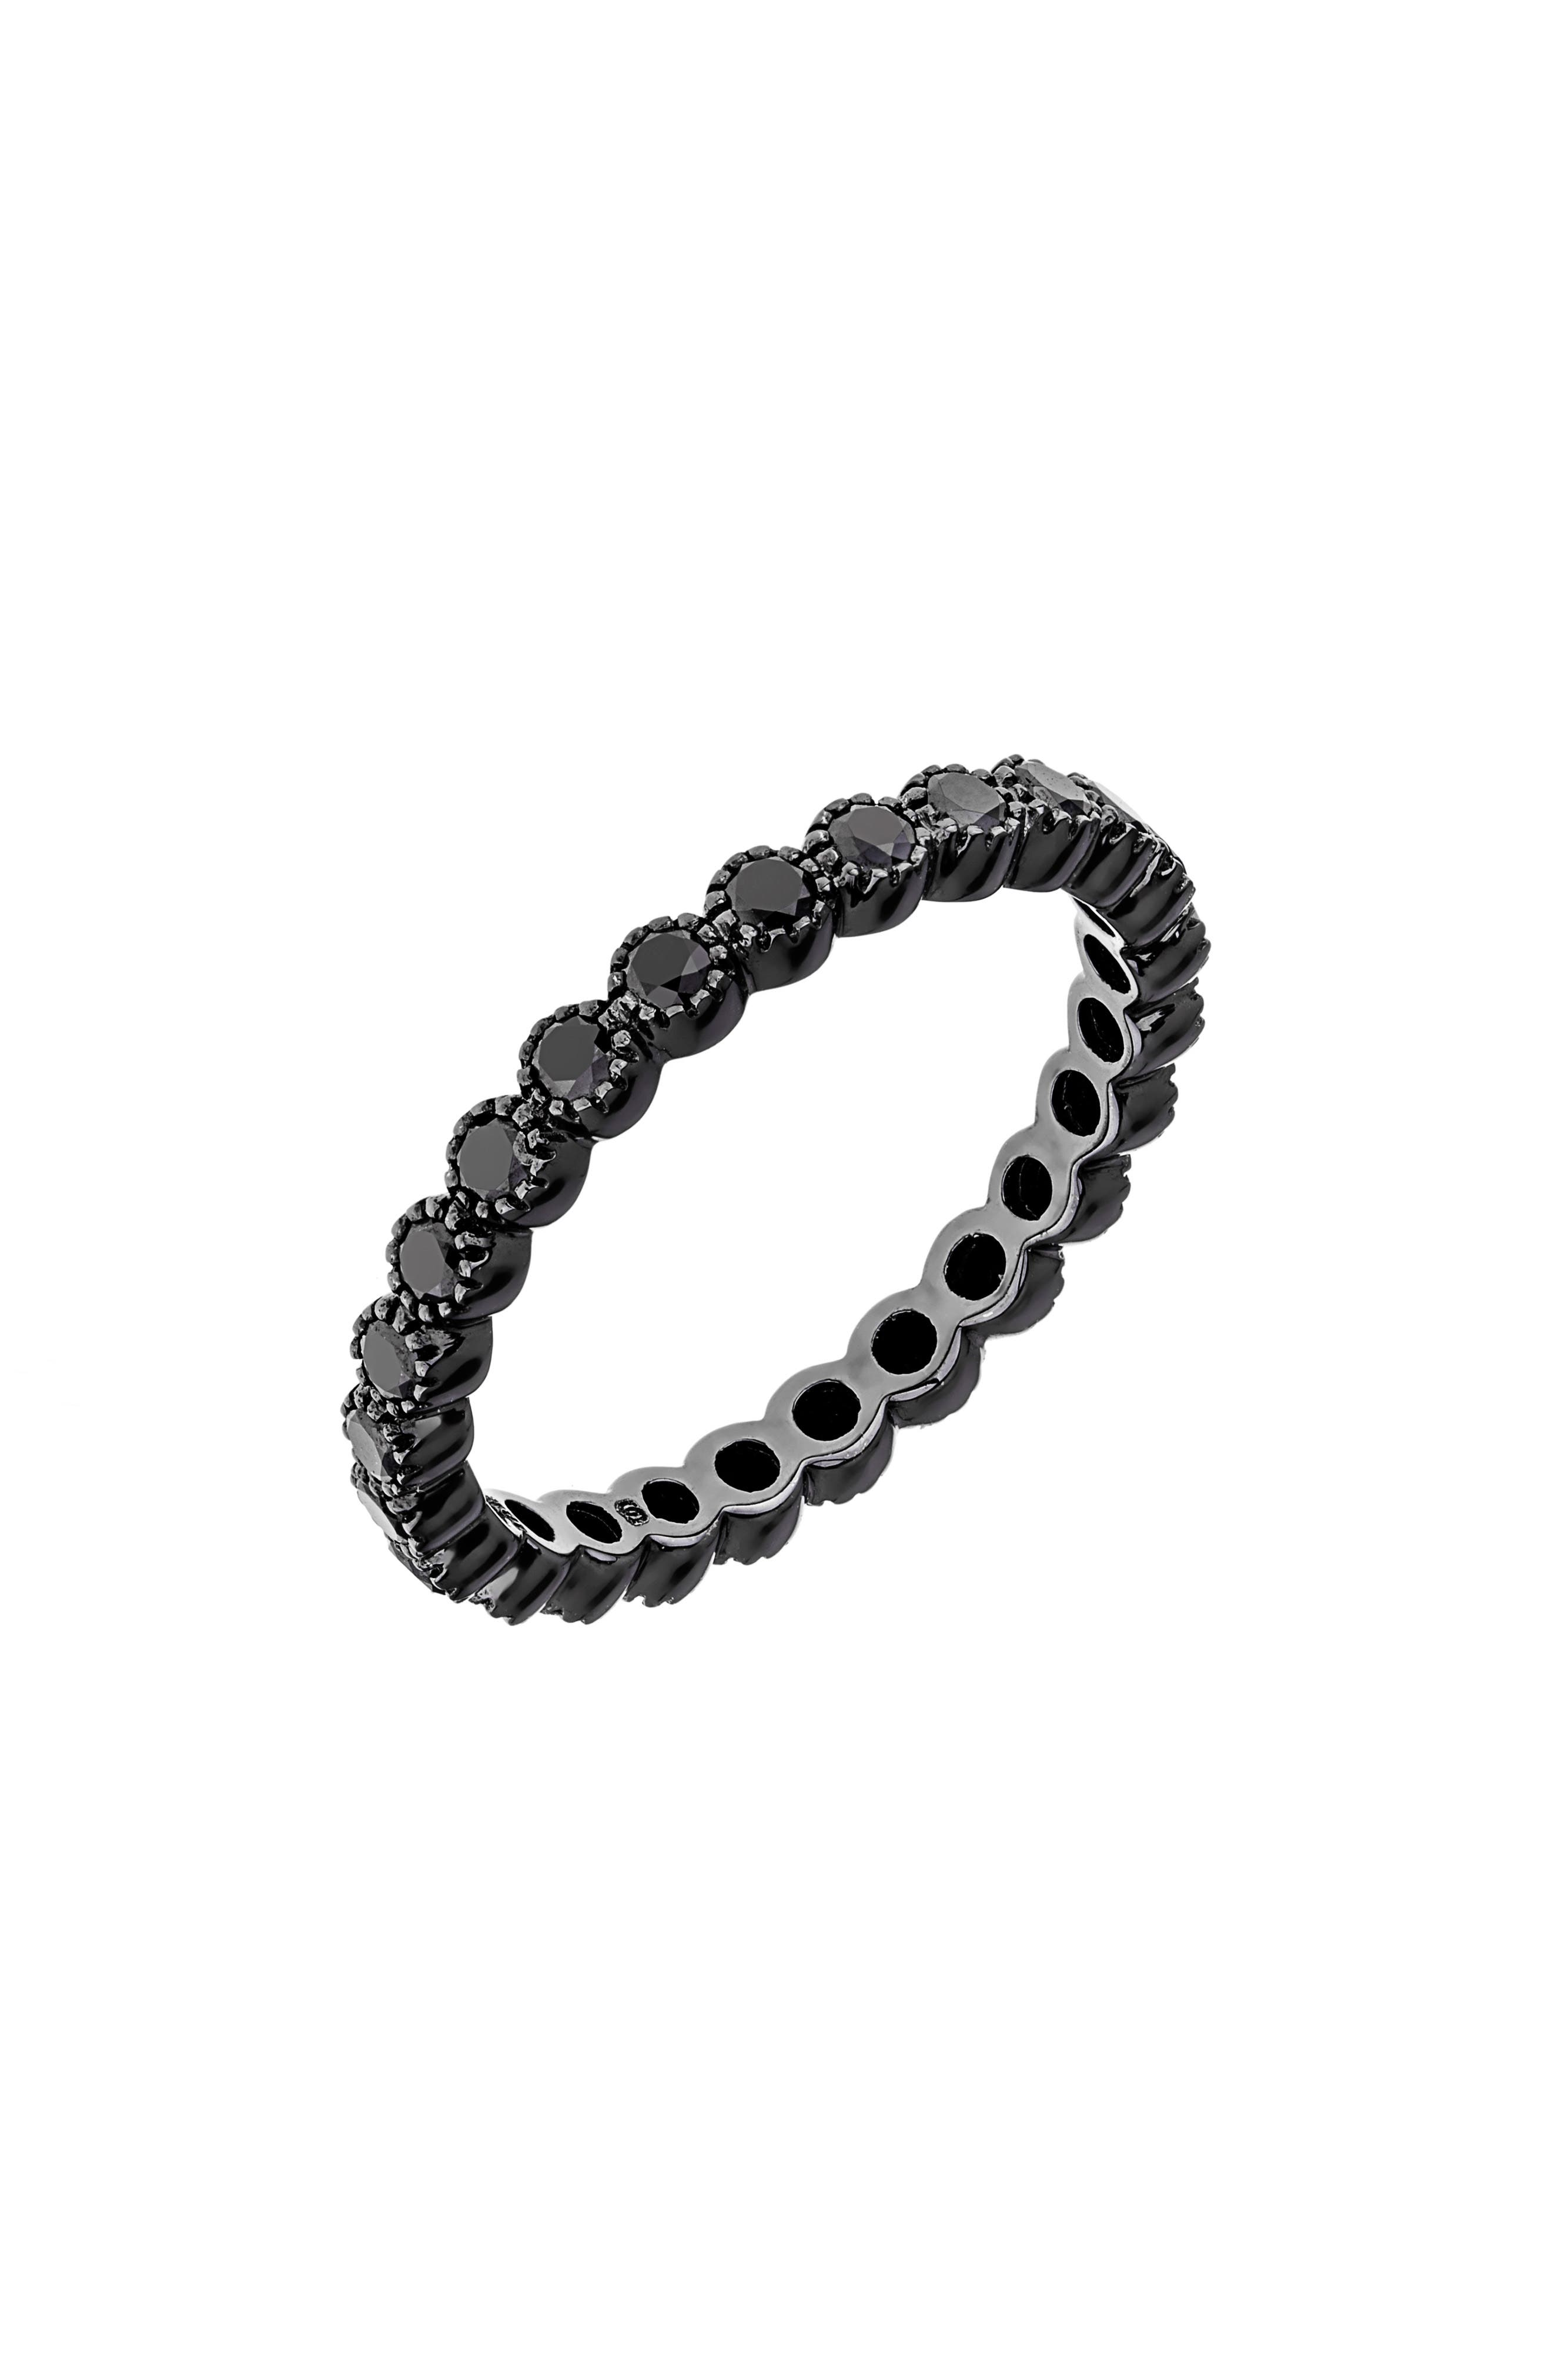 Black Diamond Bezel Band Ring,                             Main thumbnail 1, color,                             BLACK RHODIUM/ BLACK DIAMOND